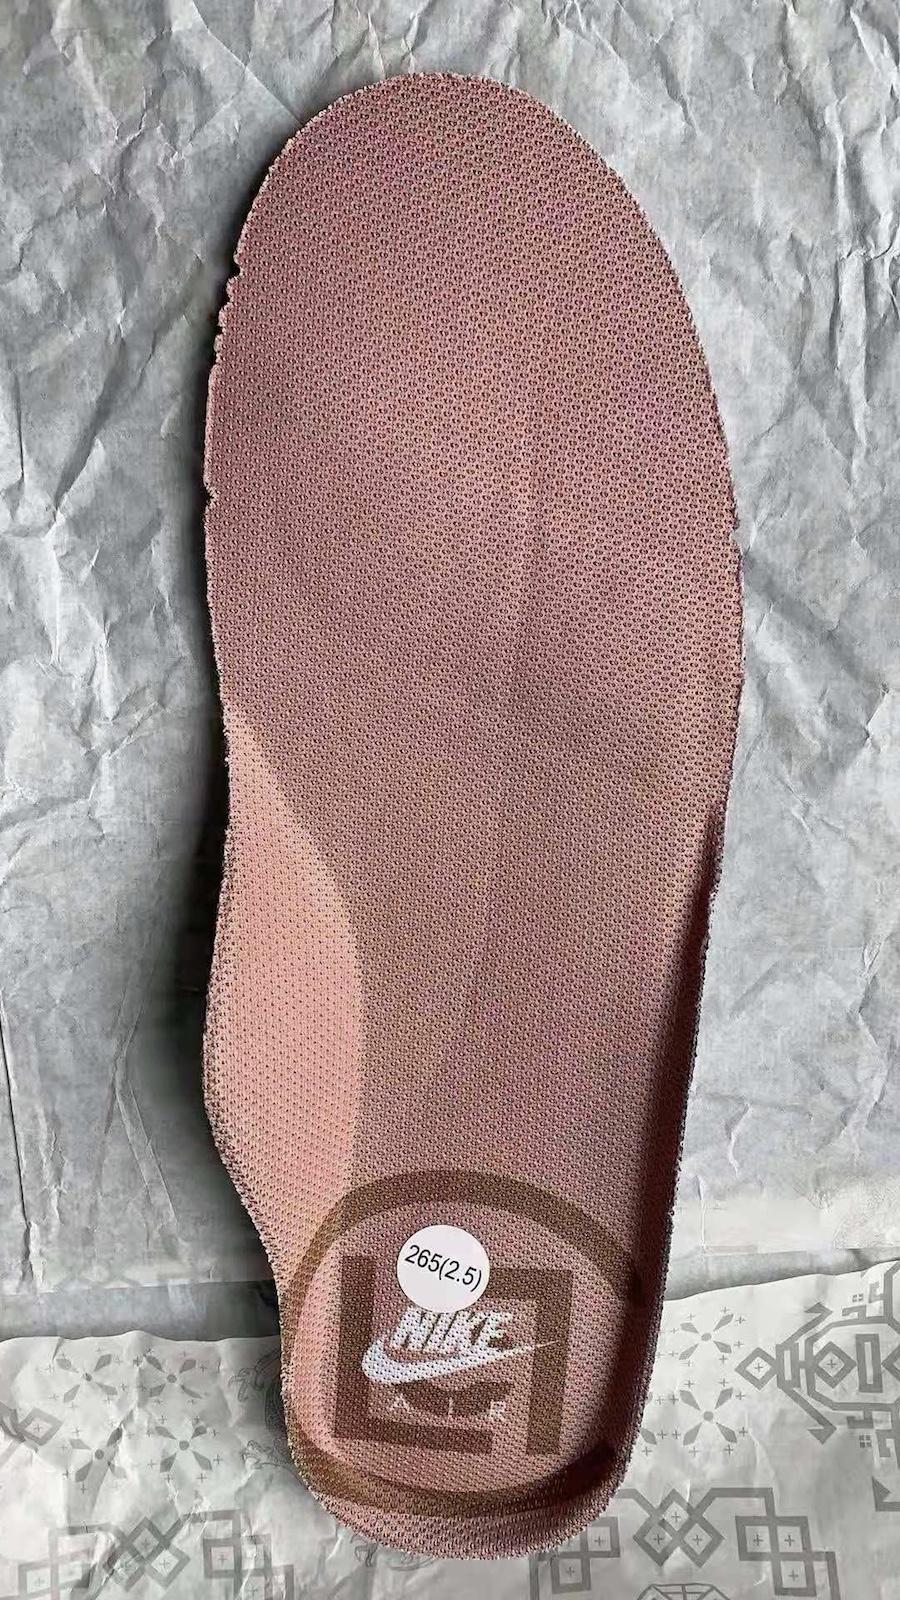 Clot Nike Air Force 1 Rose Gold CJ5290-600 Release Date Info